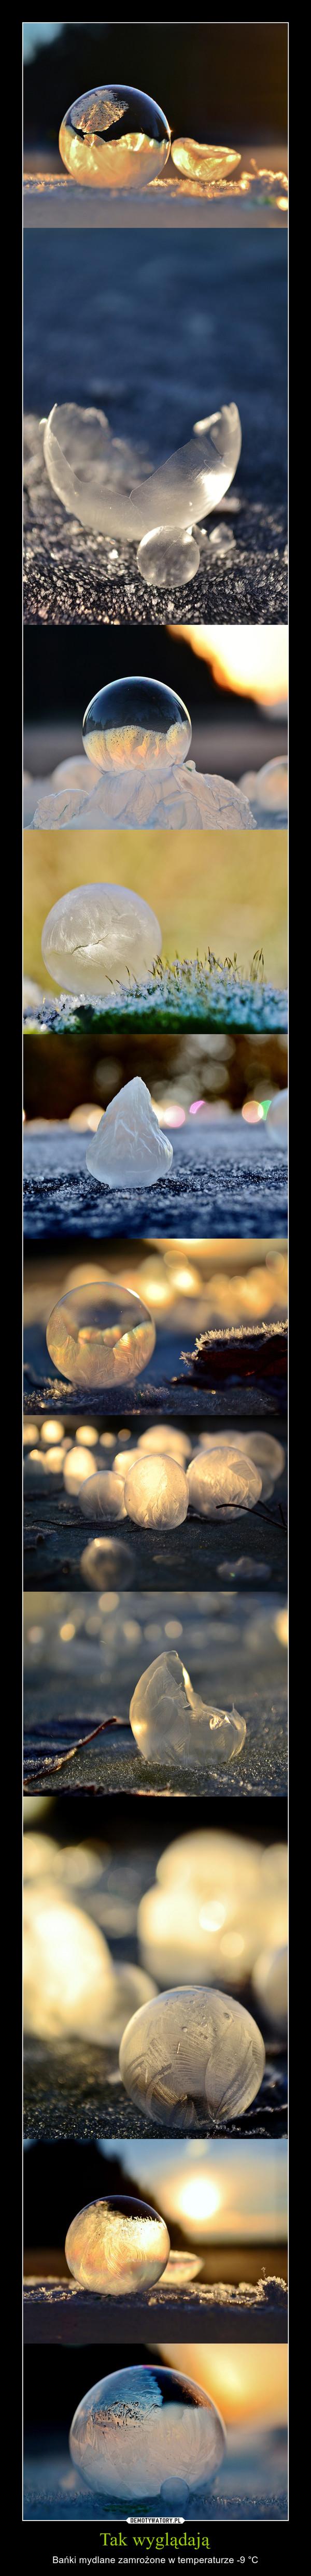 Tak wyglądają – Bańki mydlane zamrożone w temperaturze -9 °C